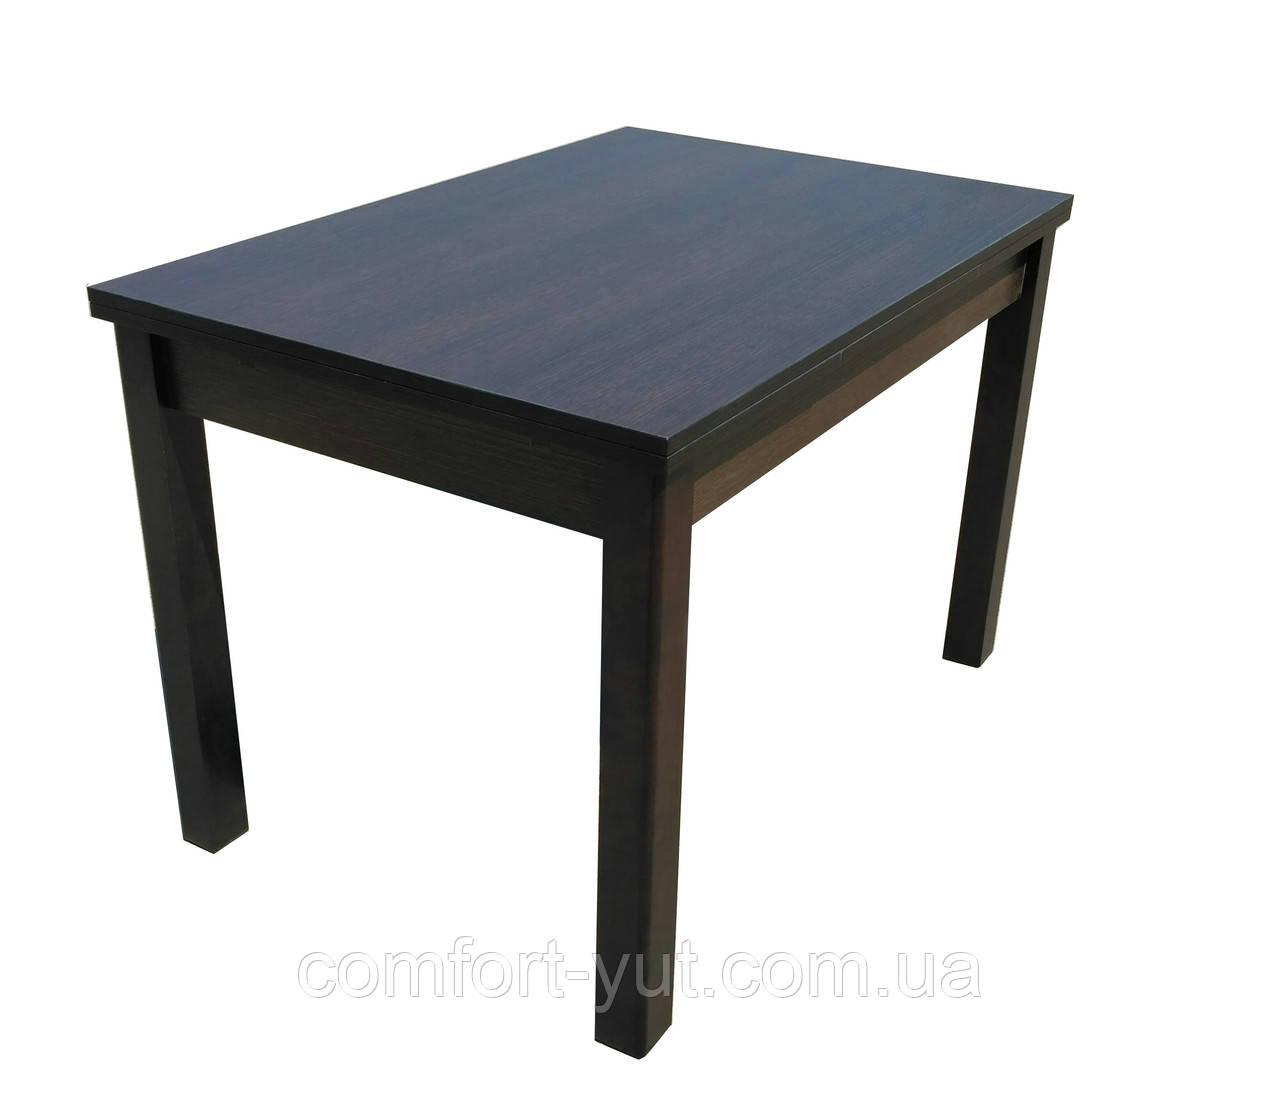 Стол обеденный Марсель 90(+35+35)*70  венге - Венге Престиж